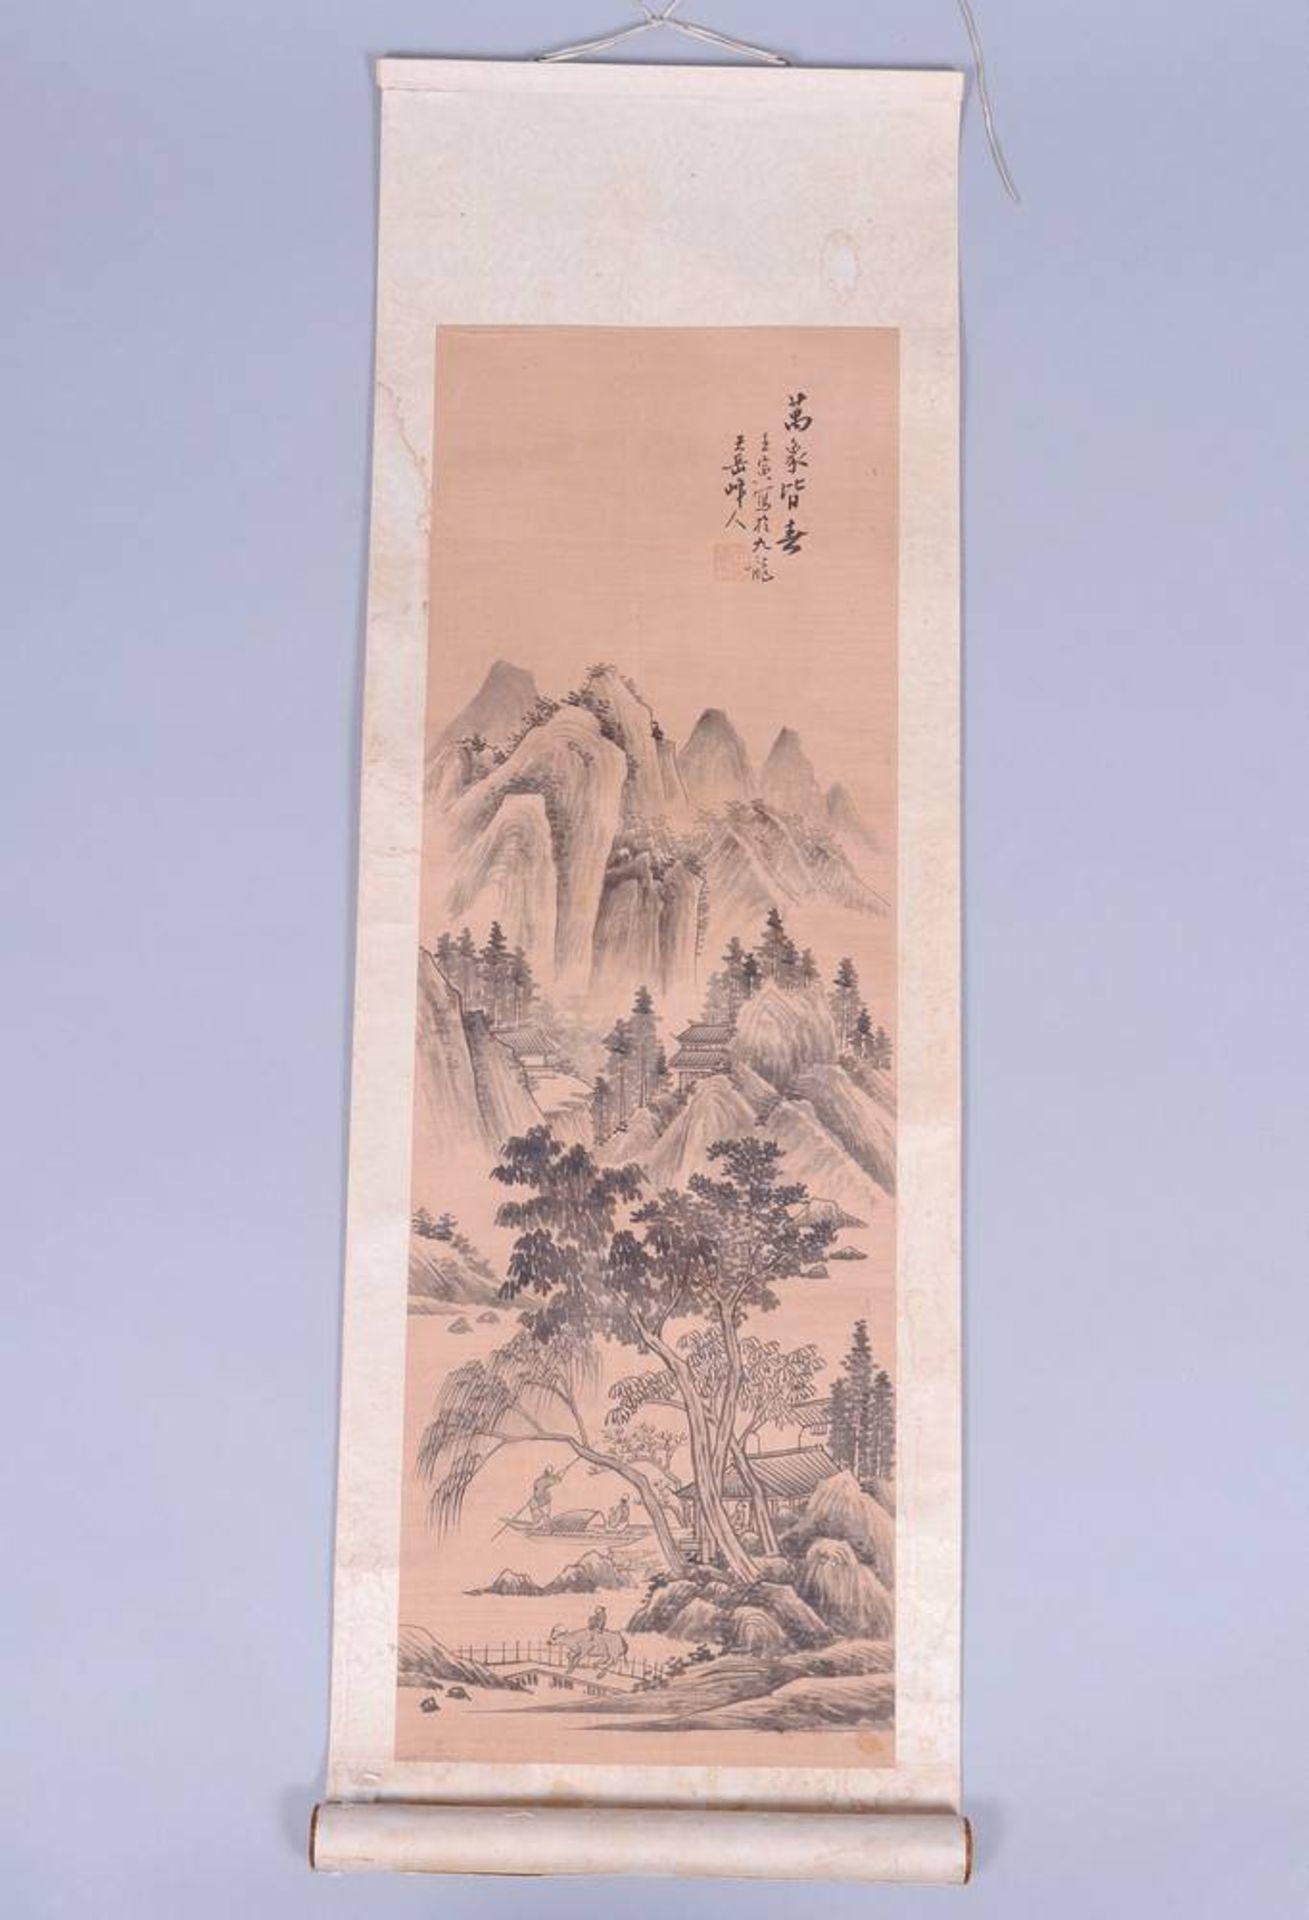 Rollbild, Tusche auf Seide, auf Papier, Japan, Meiji-Zeit